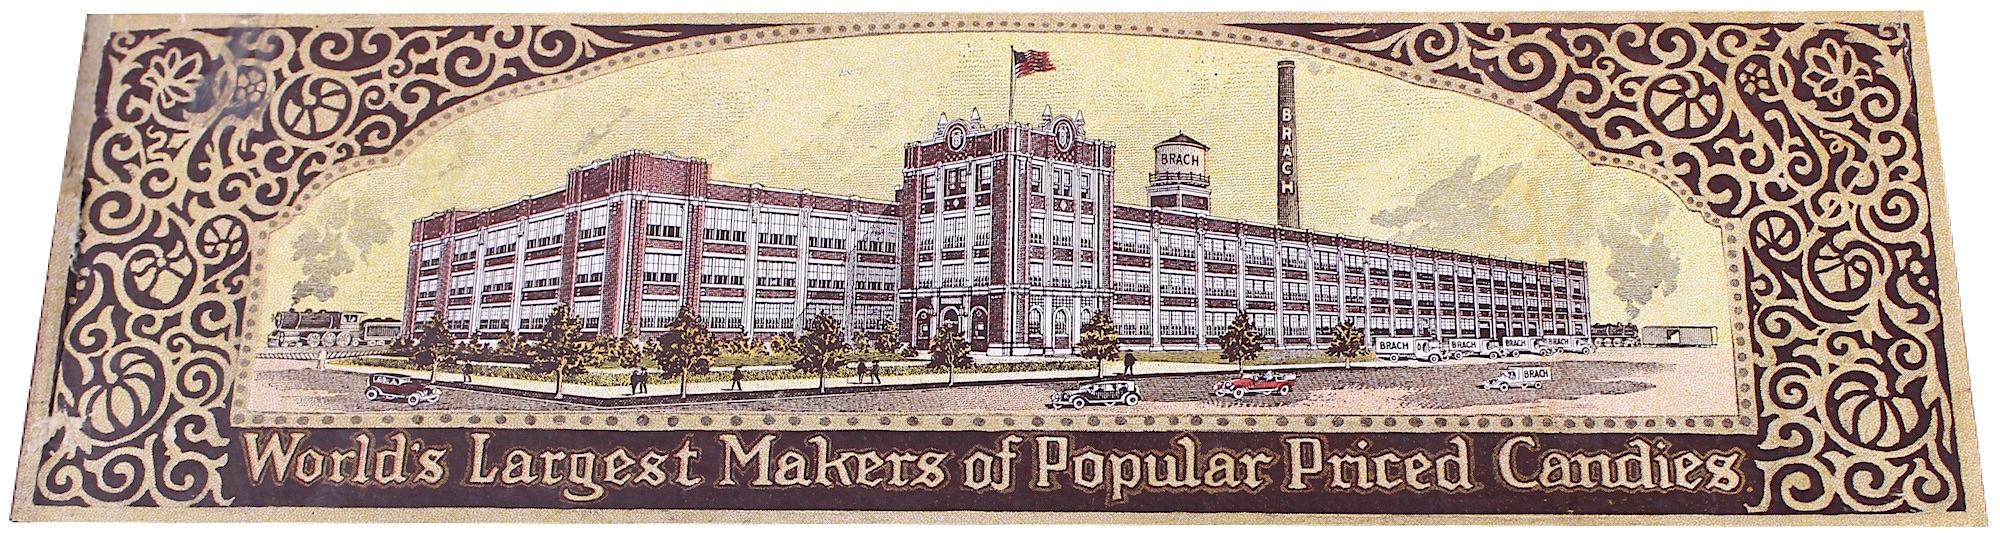 brach candy factory